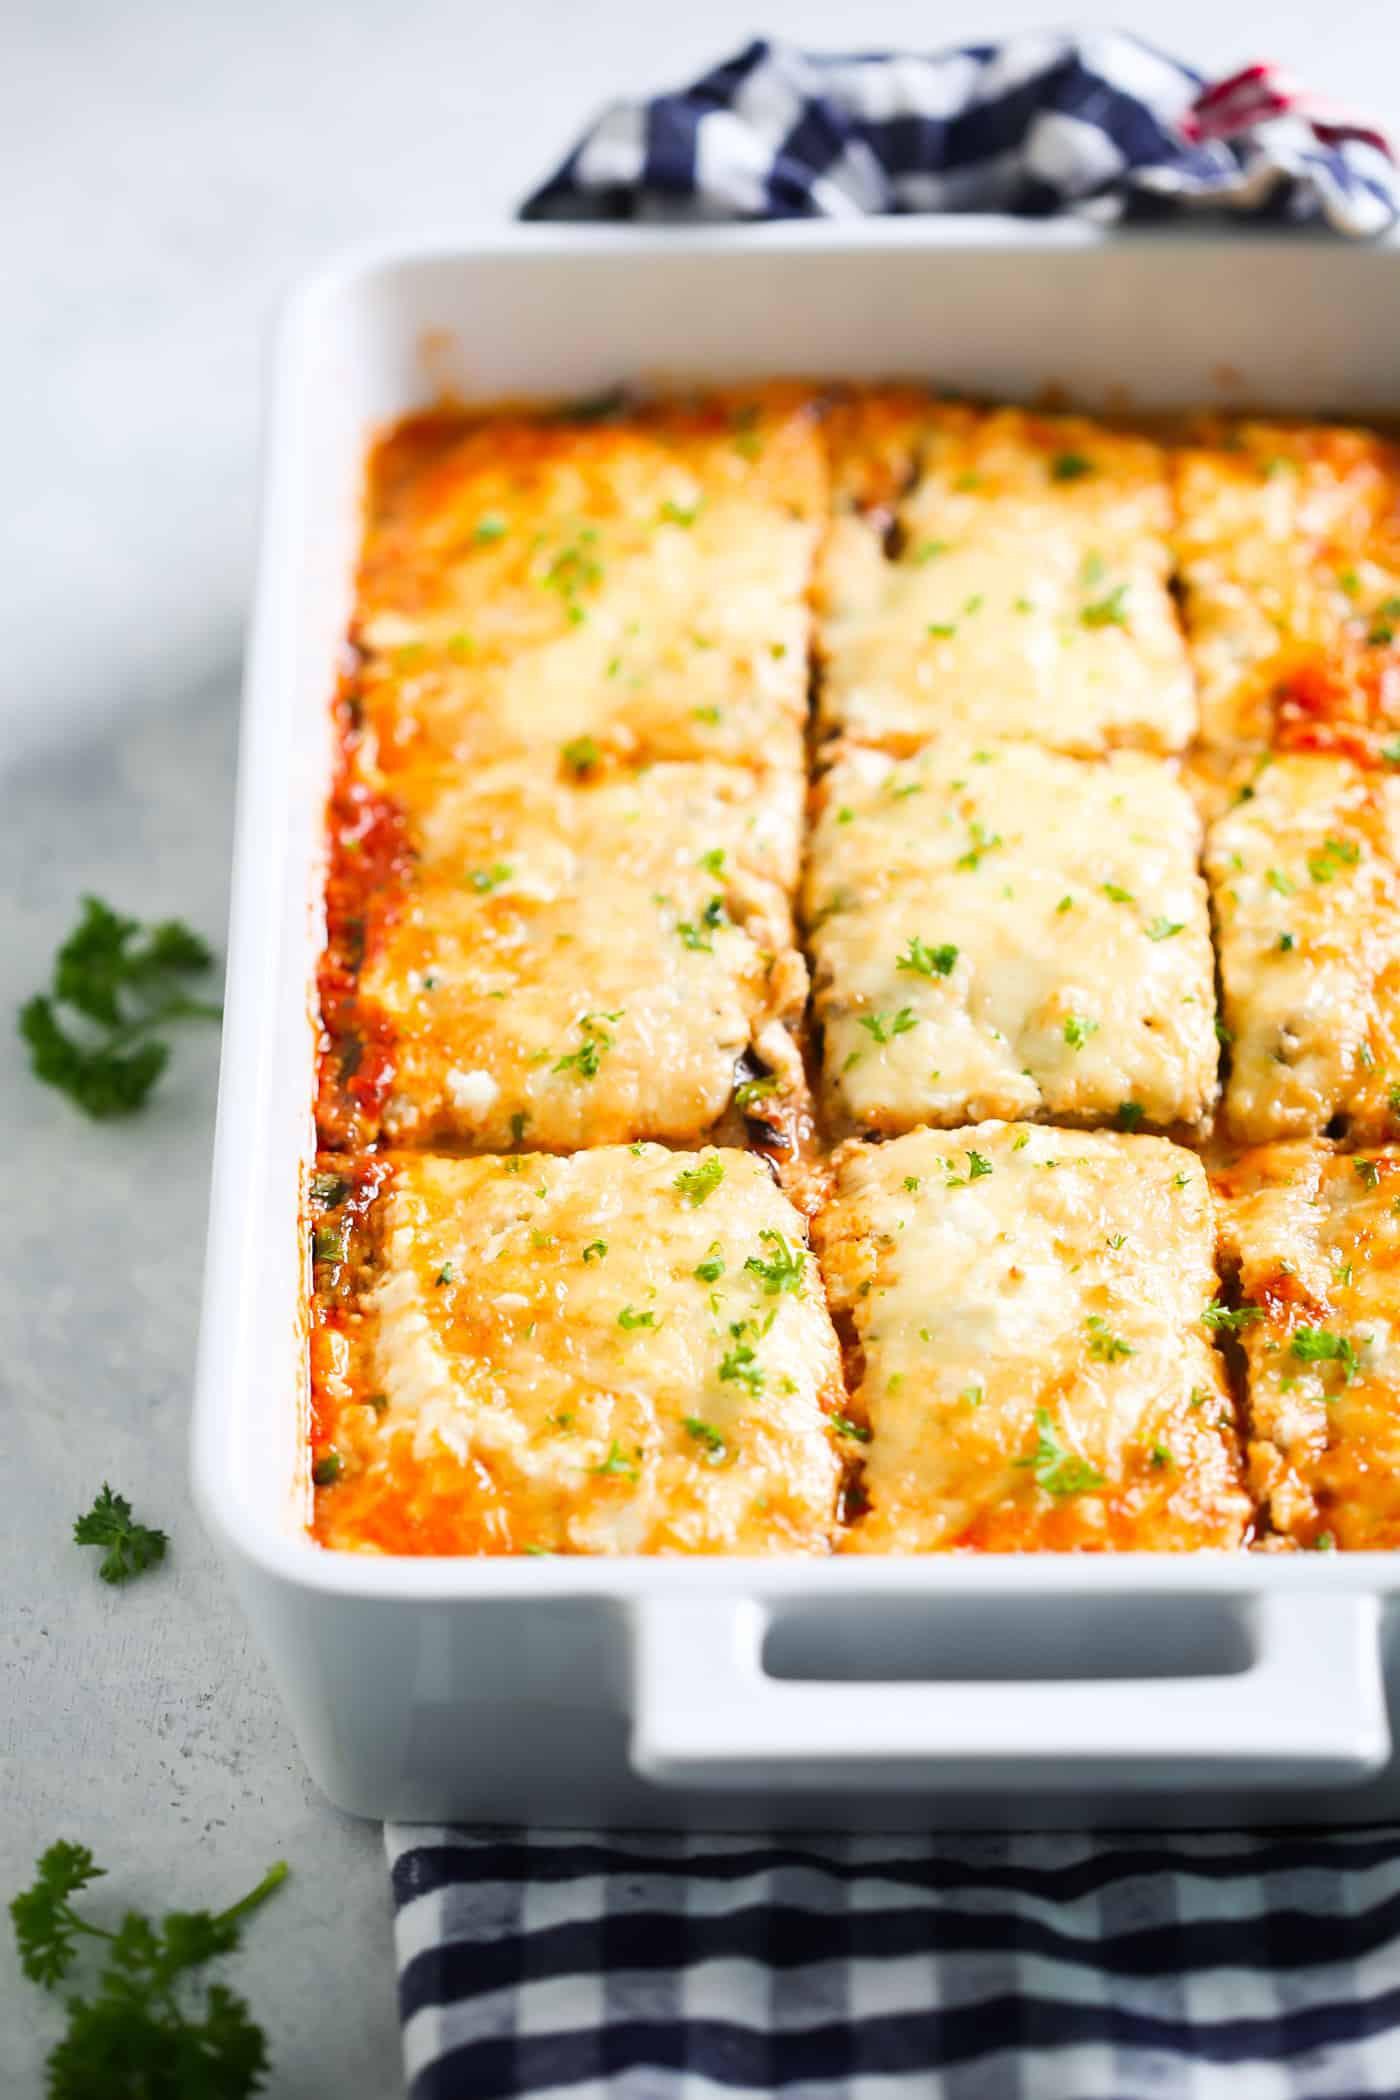 Eggplant Low Carb Recipes  eggplant lasagna low carb ve arian